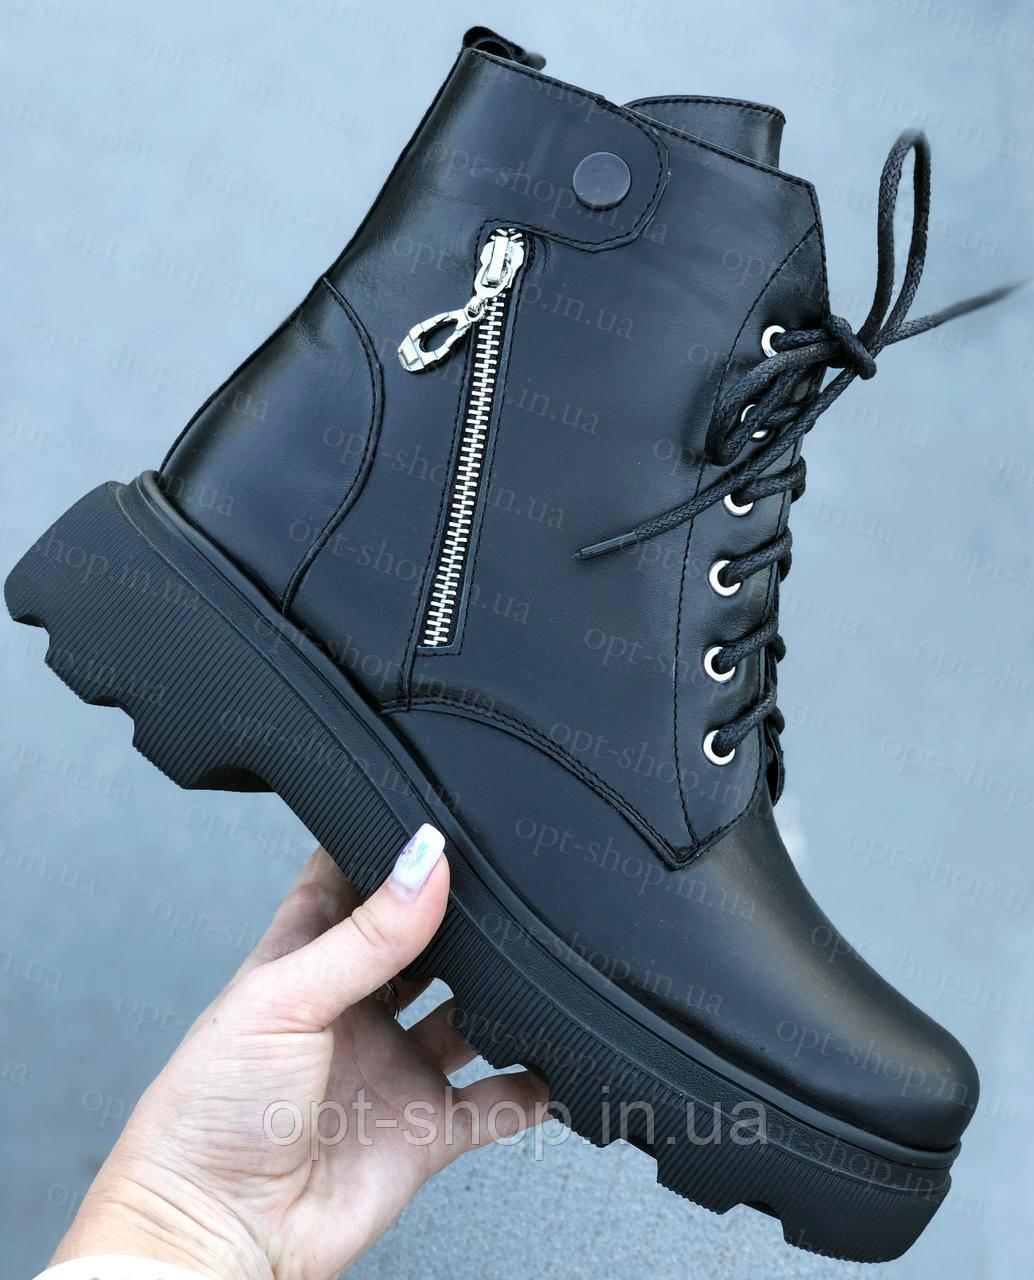 Женские зимние кожаные ботинки сапоги на полную ногу большого размера 38-43, обувь женская больших размеров